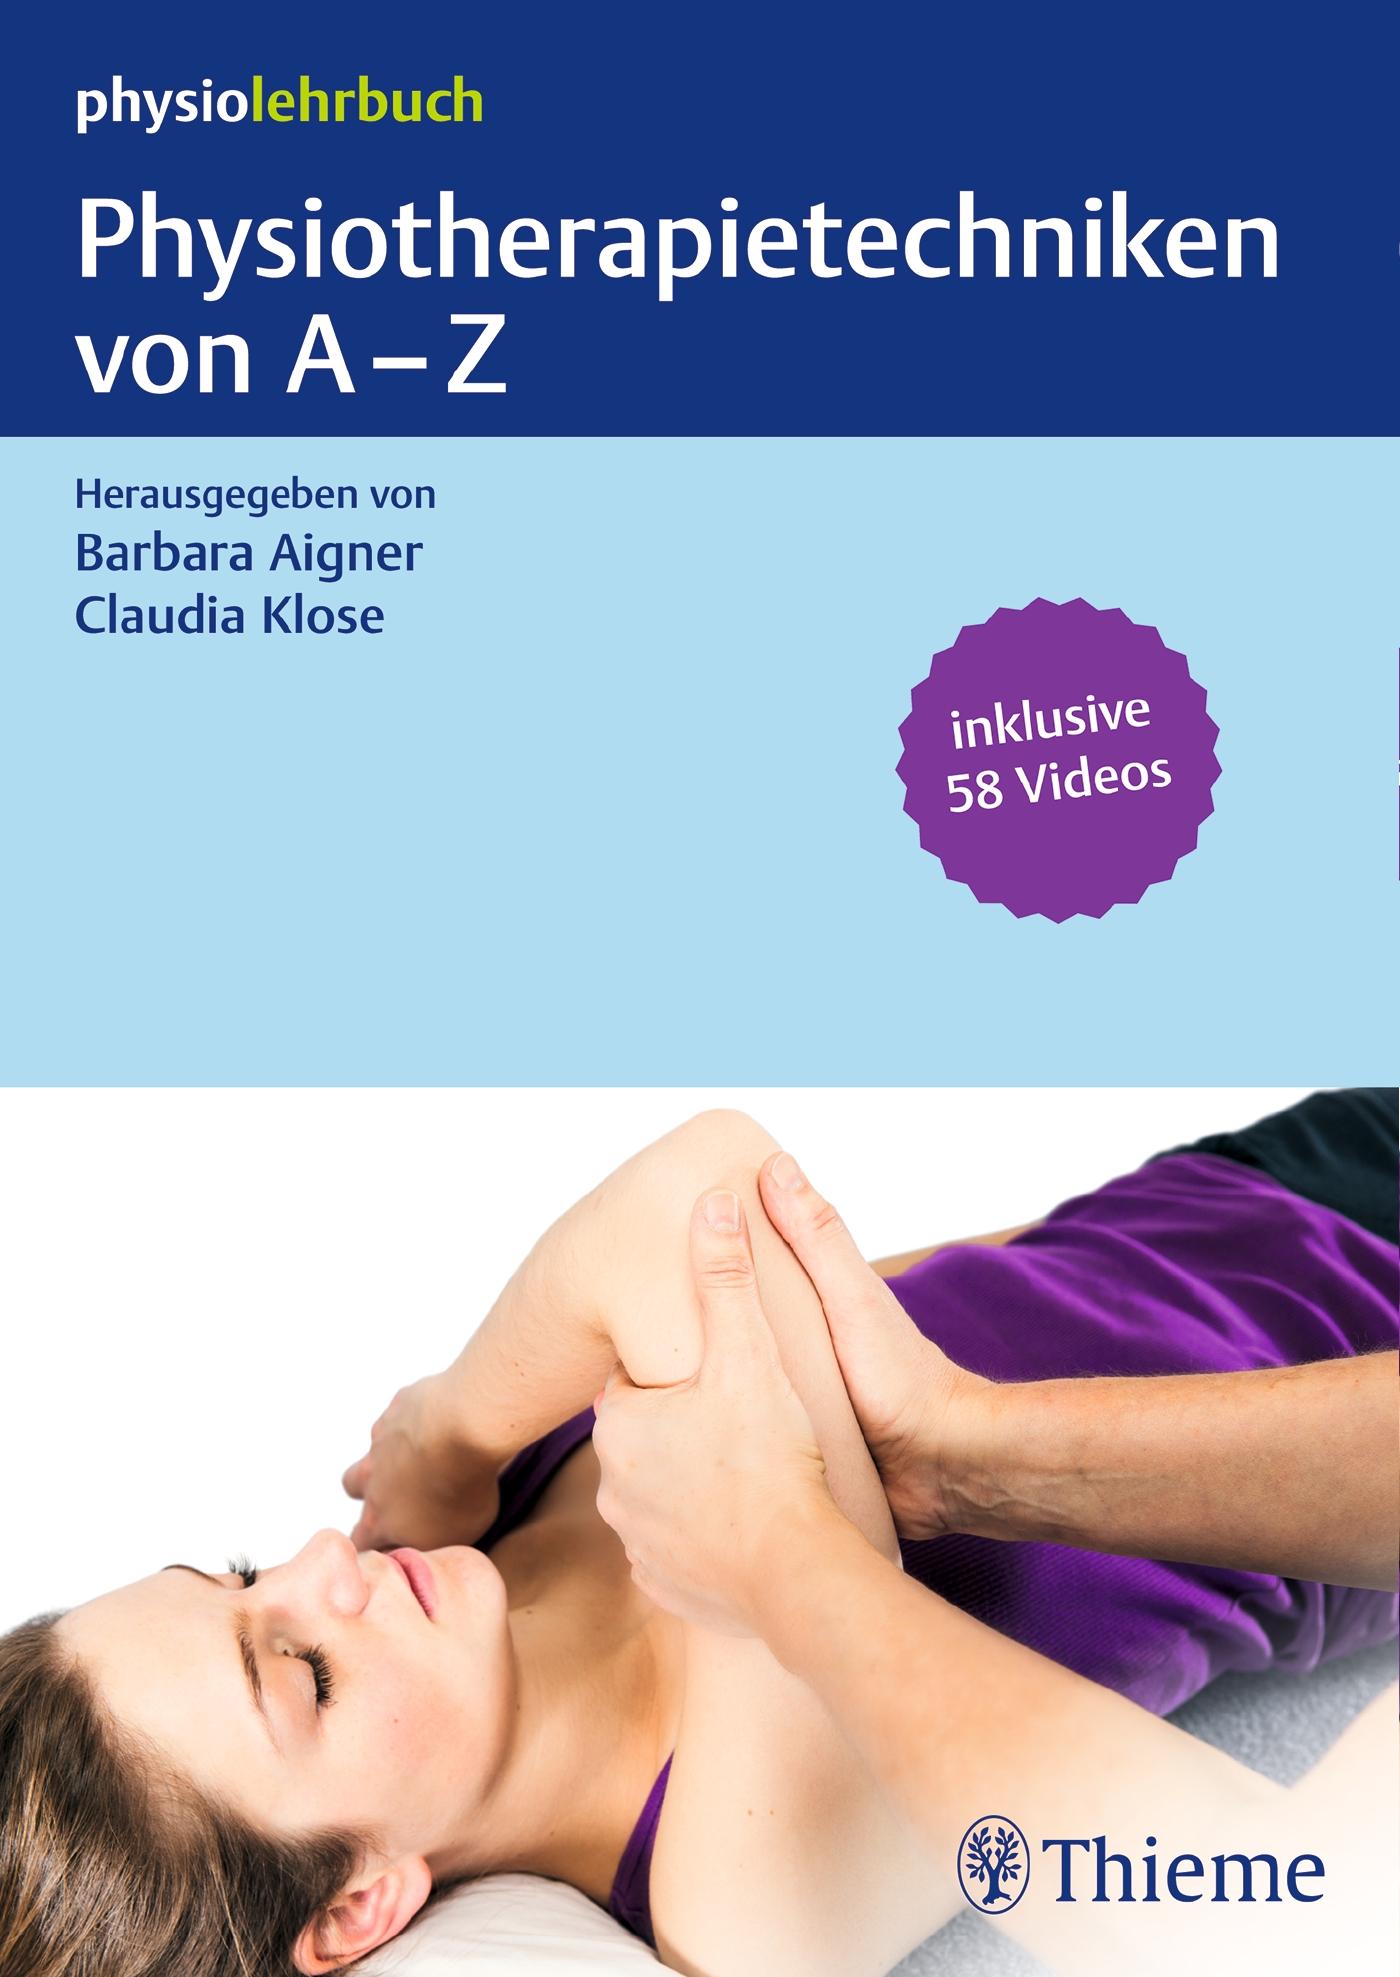 Physiotherapietechniken von A-Z